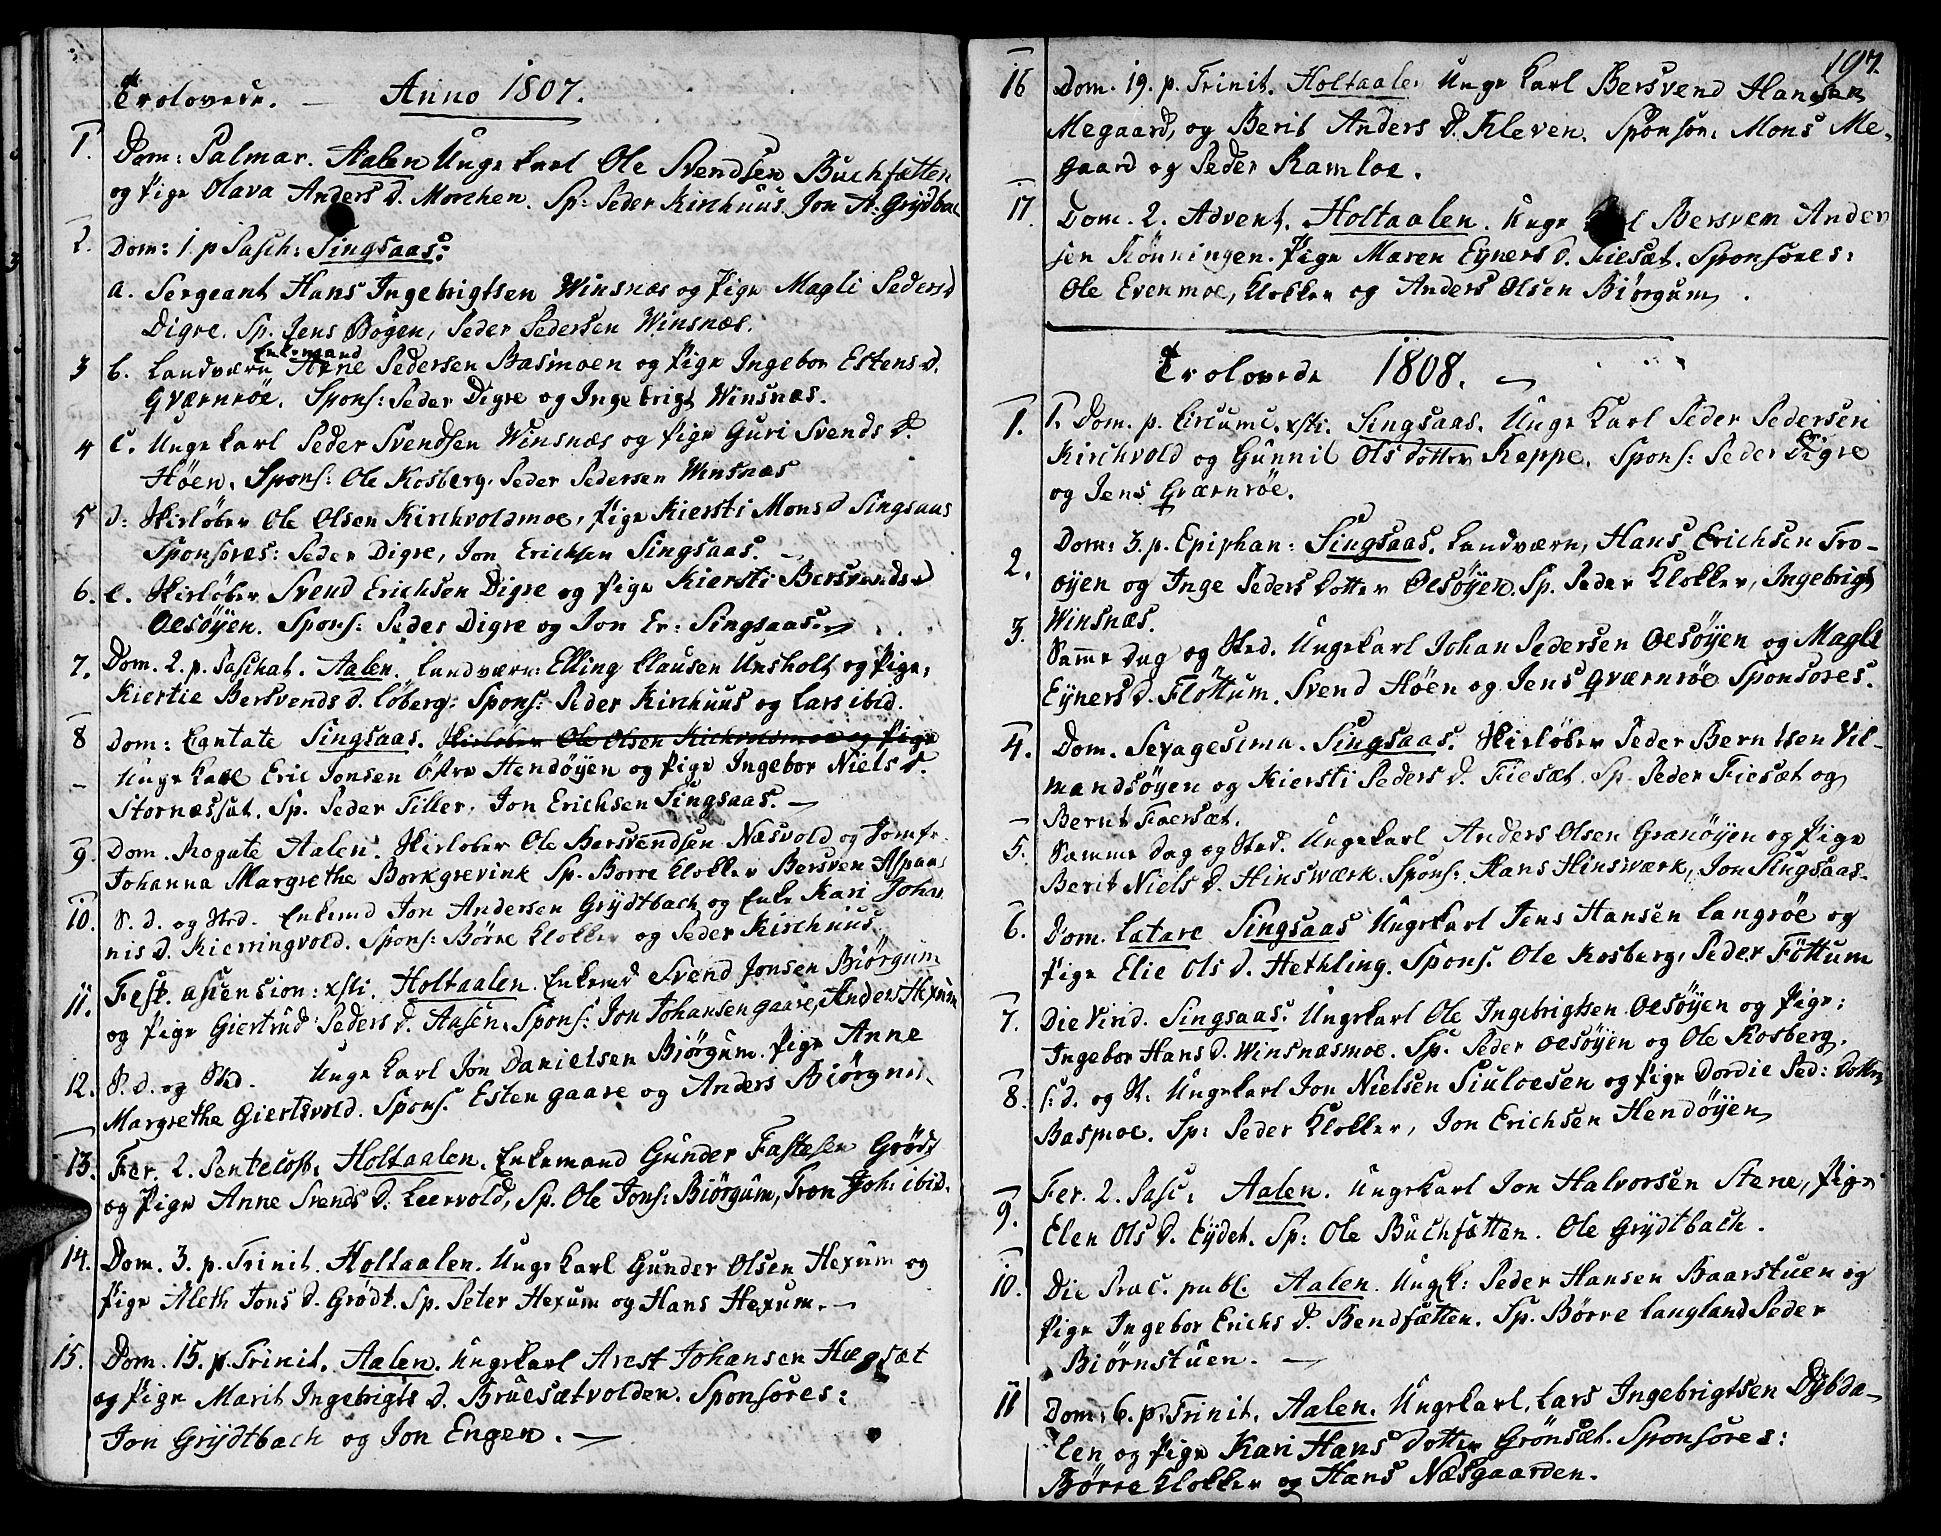 SAT, Ministerialprotokoller, klokkerbøker og fødselsregistre - Sør-Trøndelag, 685/L0953: Ministerialbok nr. 685A02, 1805-1816, s. 197